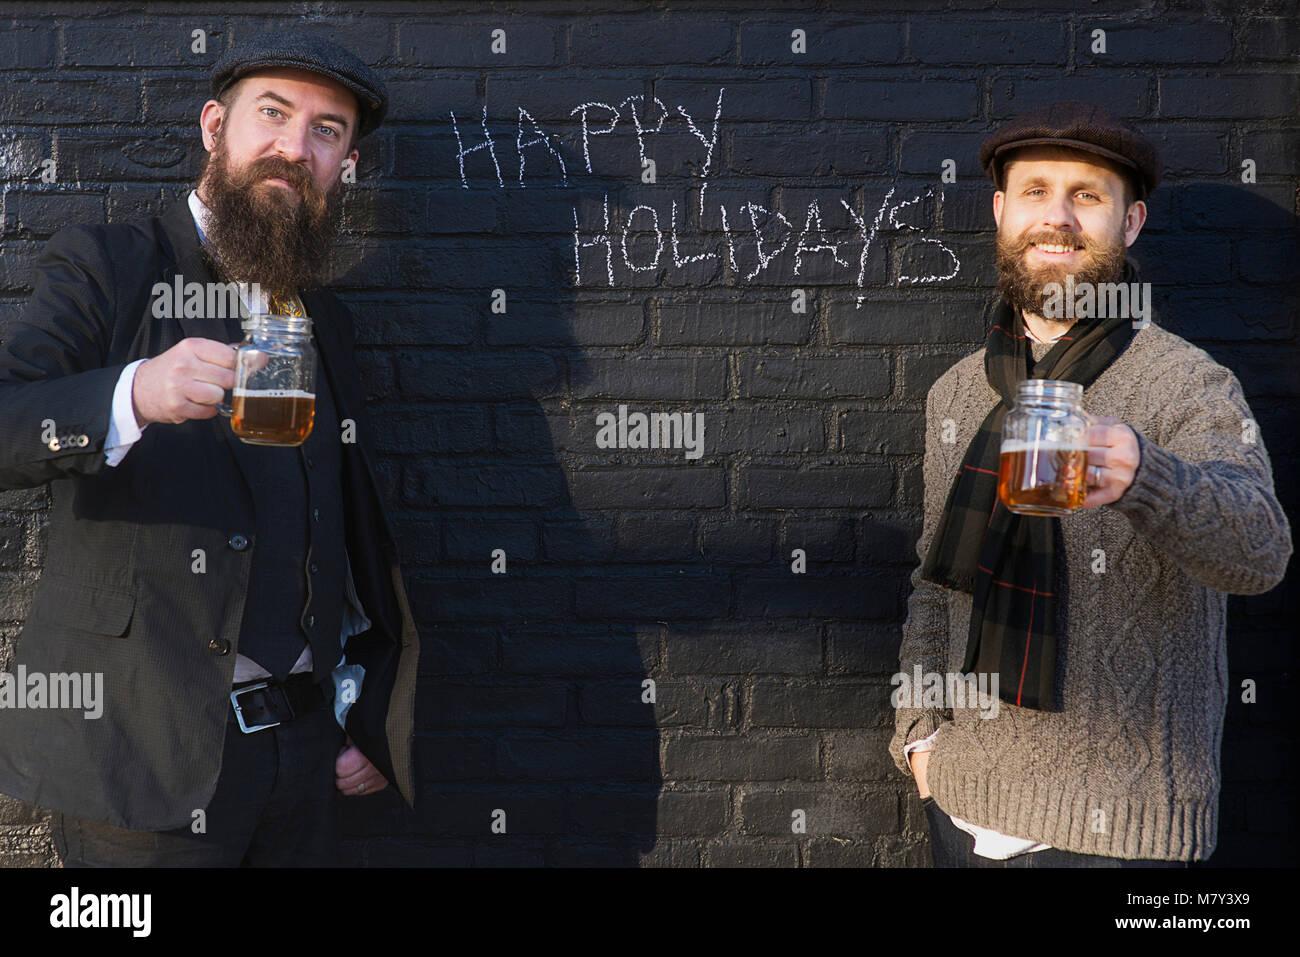 Weihnachtsgrüße Männer.Urlaub Foto Von Zwei Männer Trinken Bier Mit Weihnachtsgrüße An Der